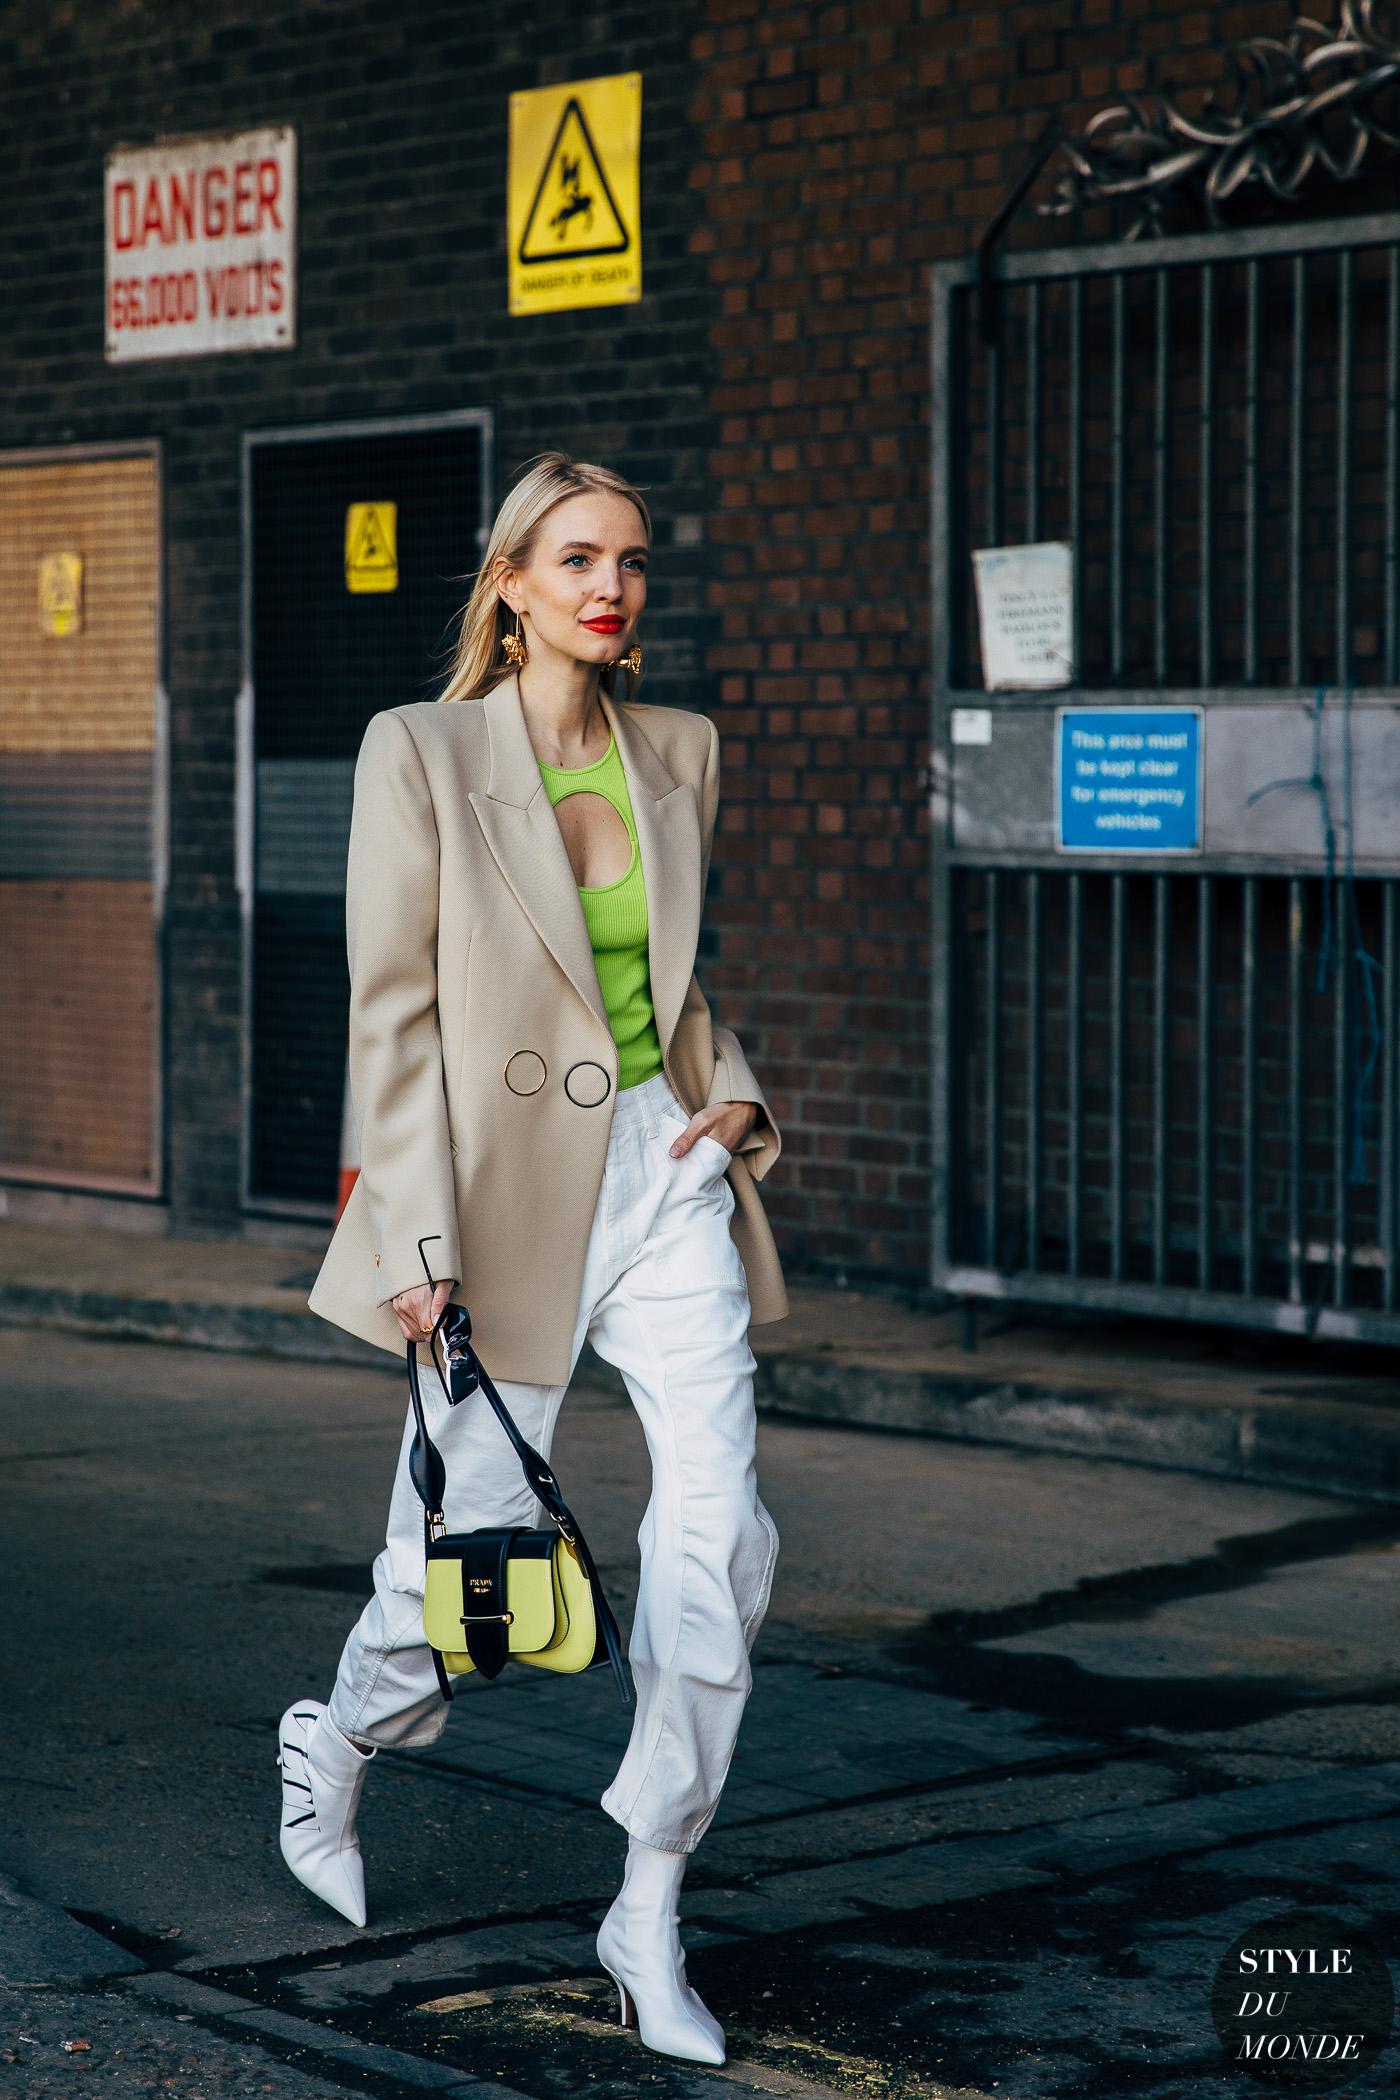 túi xách prada blazer màu beige bốt áo xanh neon